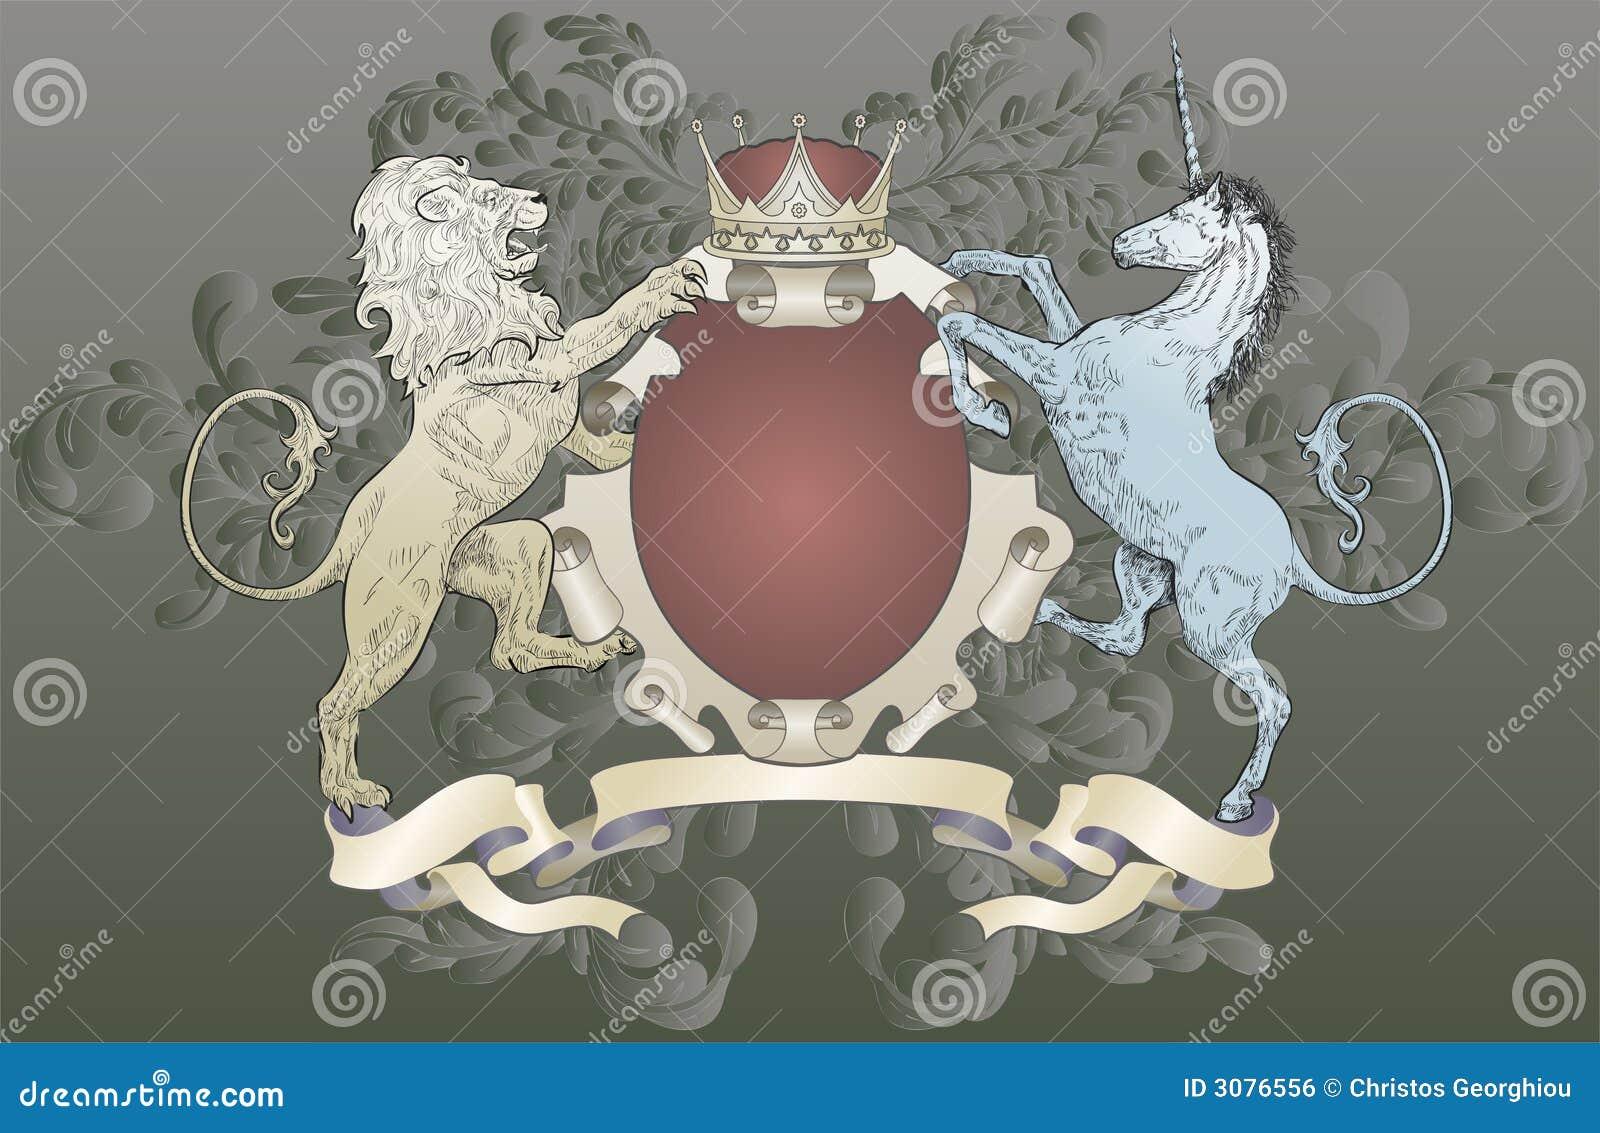 León y capa del unicornio de brazos